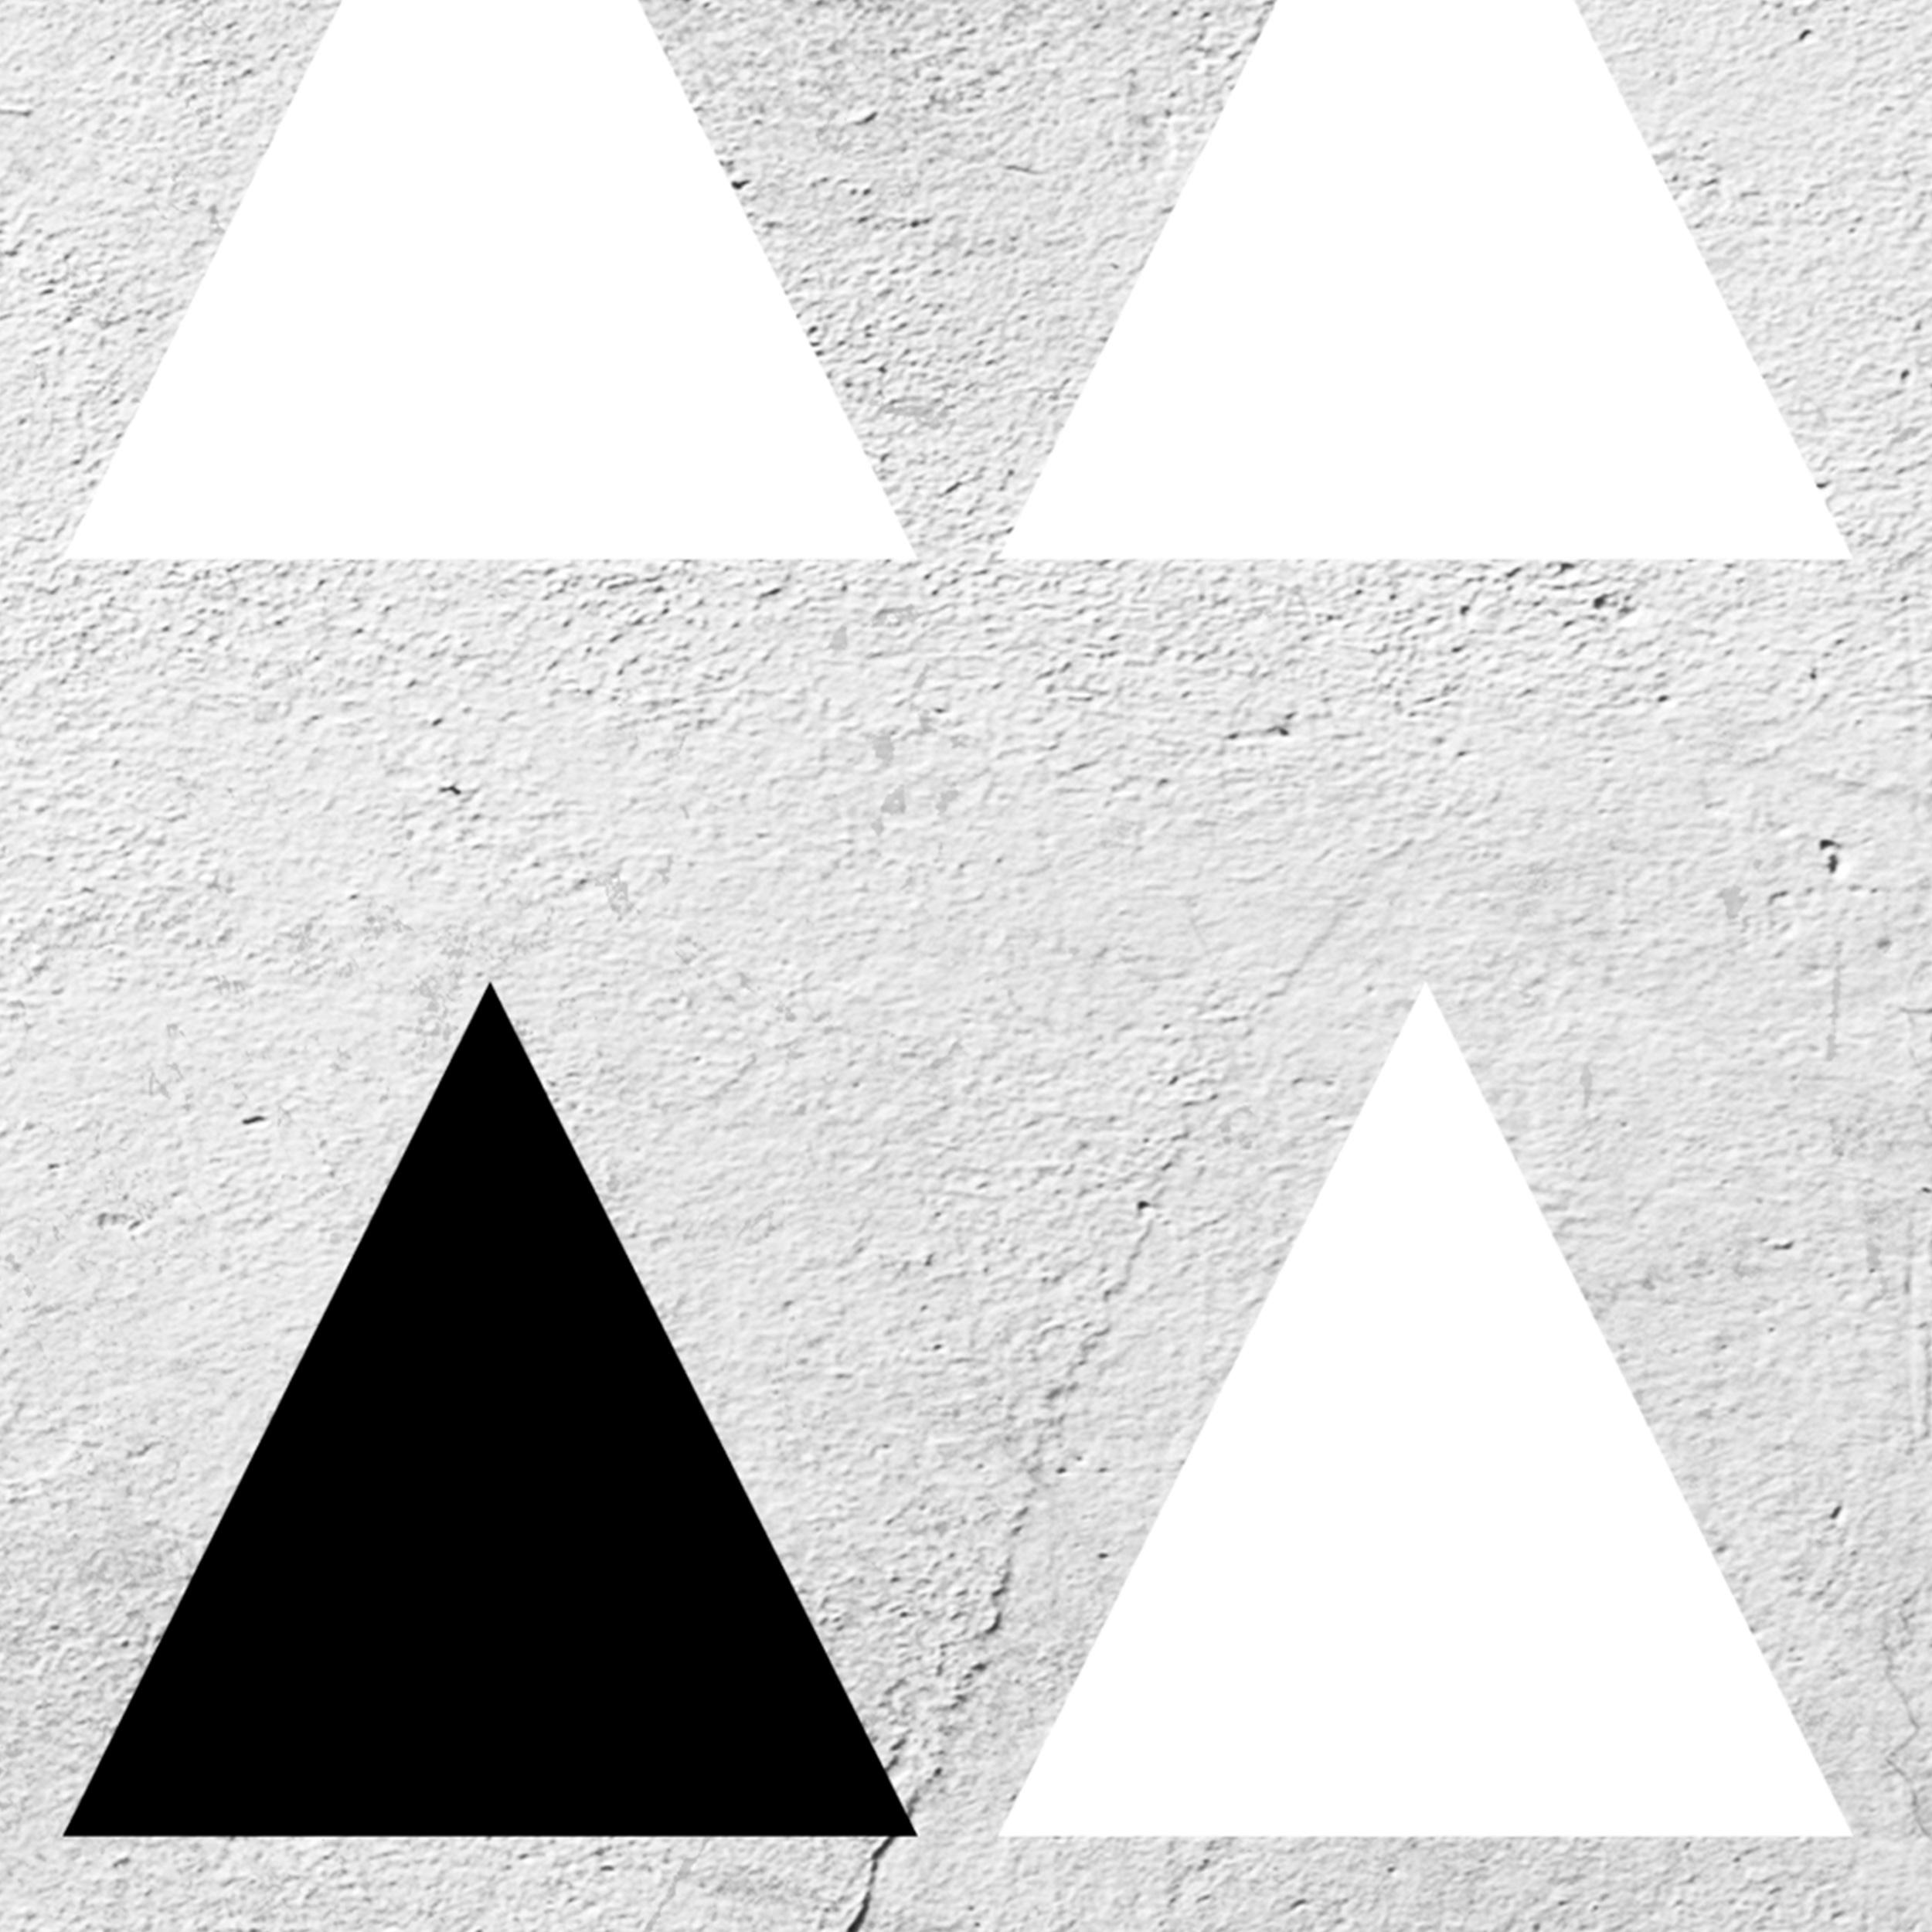 Hirsch Weihnachten LEINWAND WANDBILD Deko Bilder XL Design KUNST Triangel 4Motiv